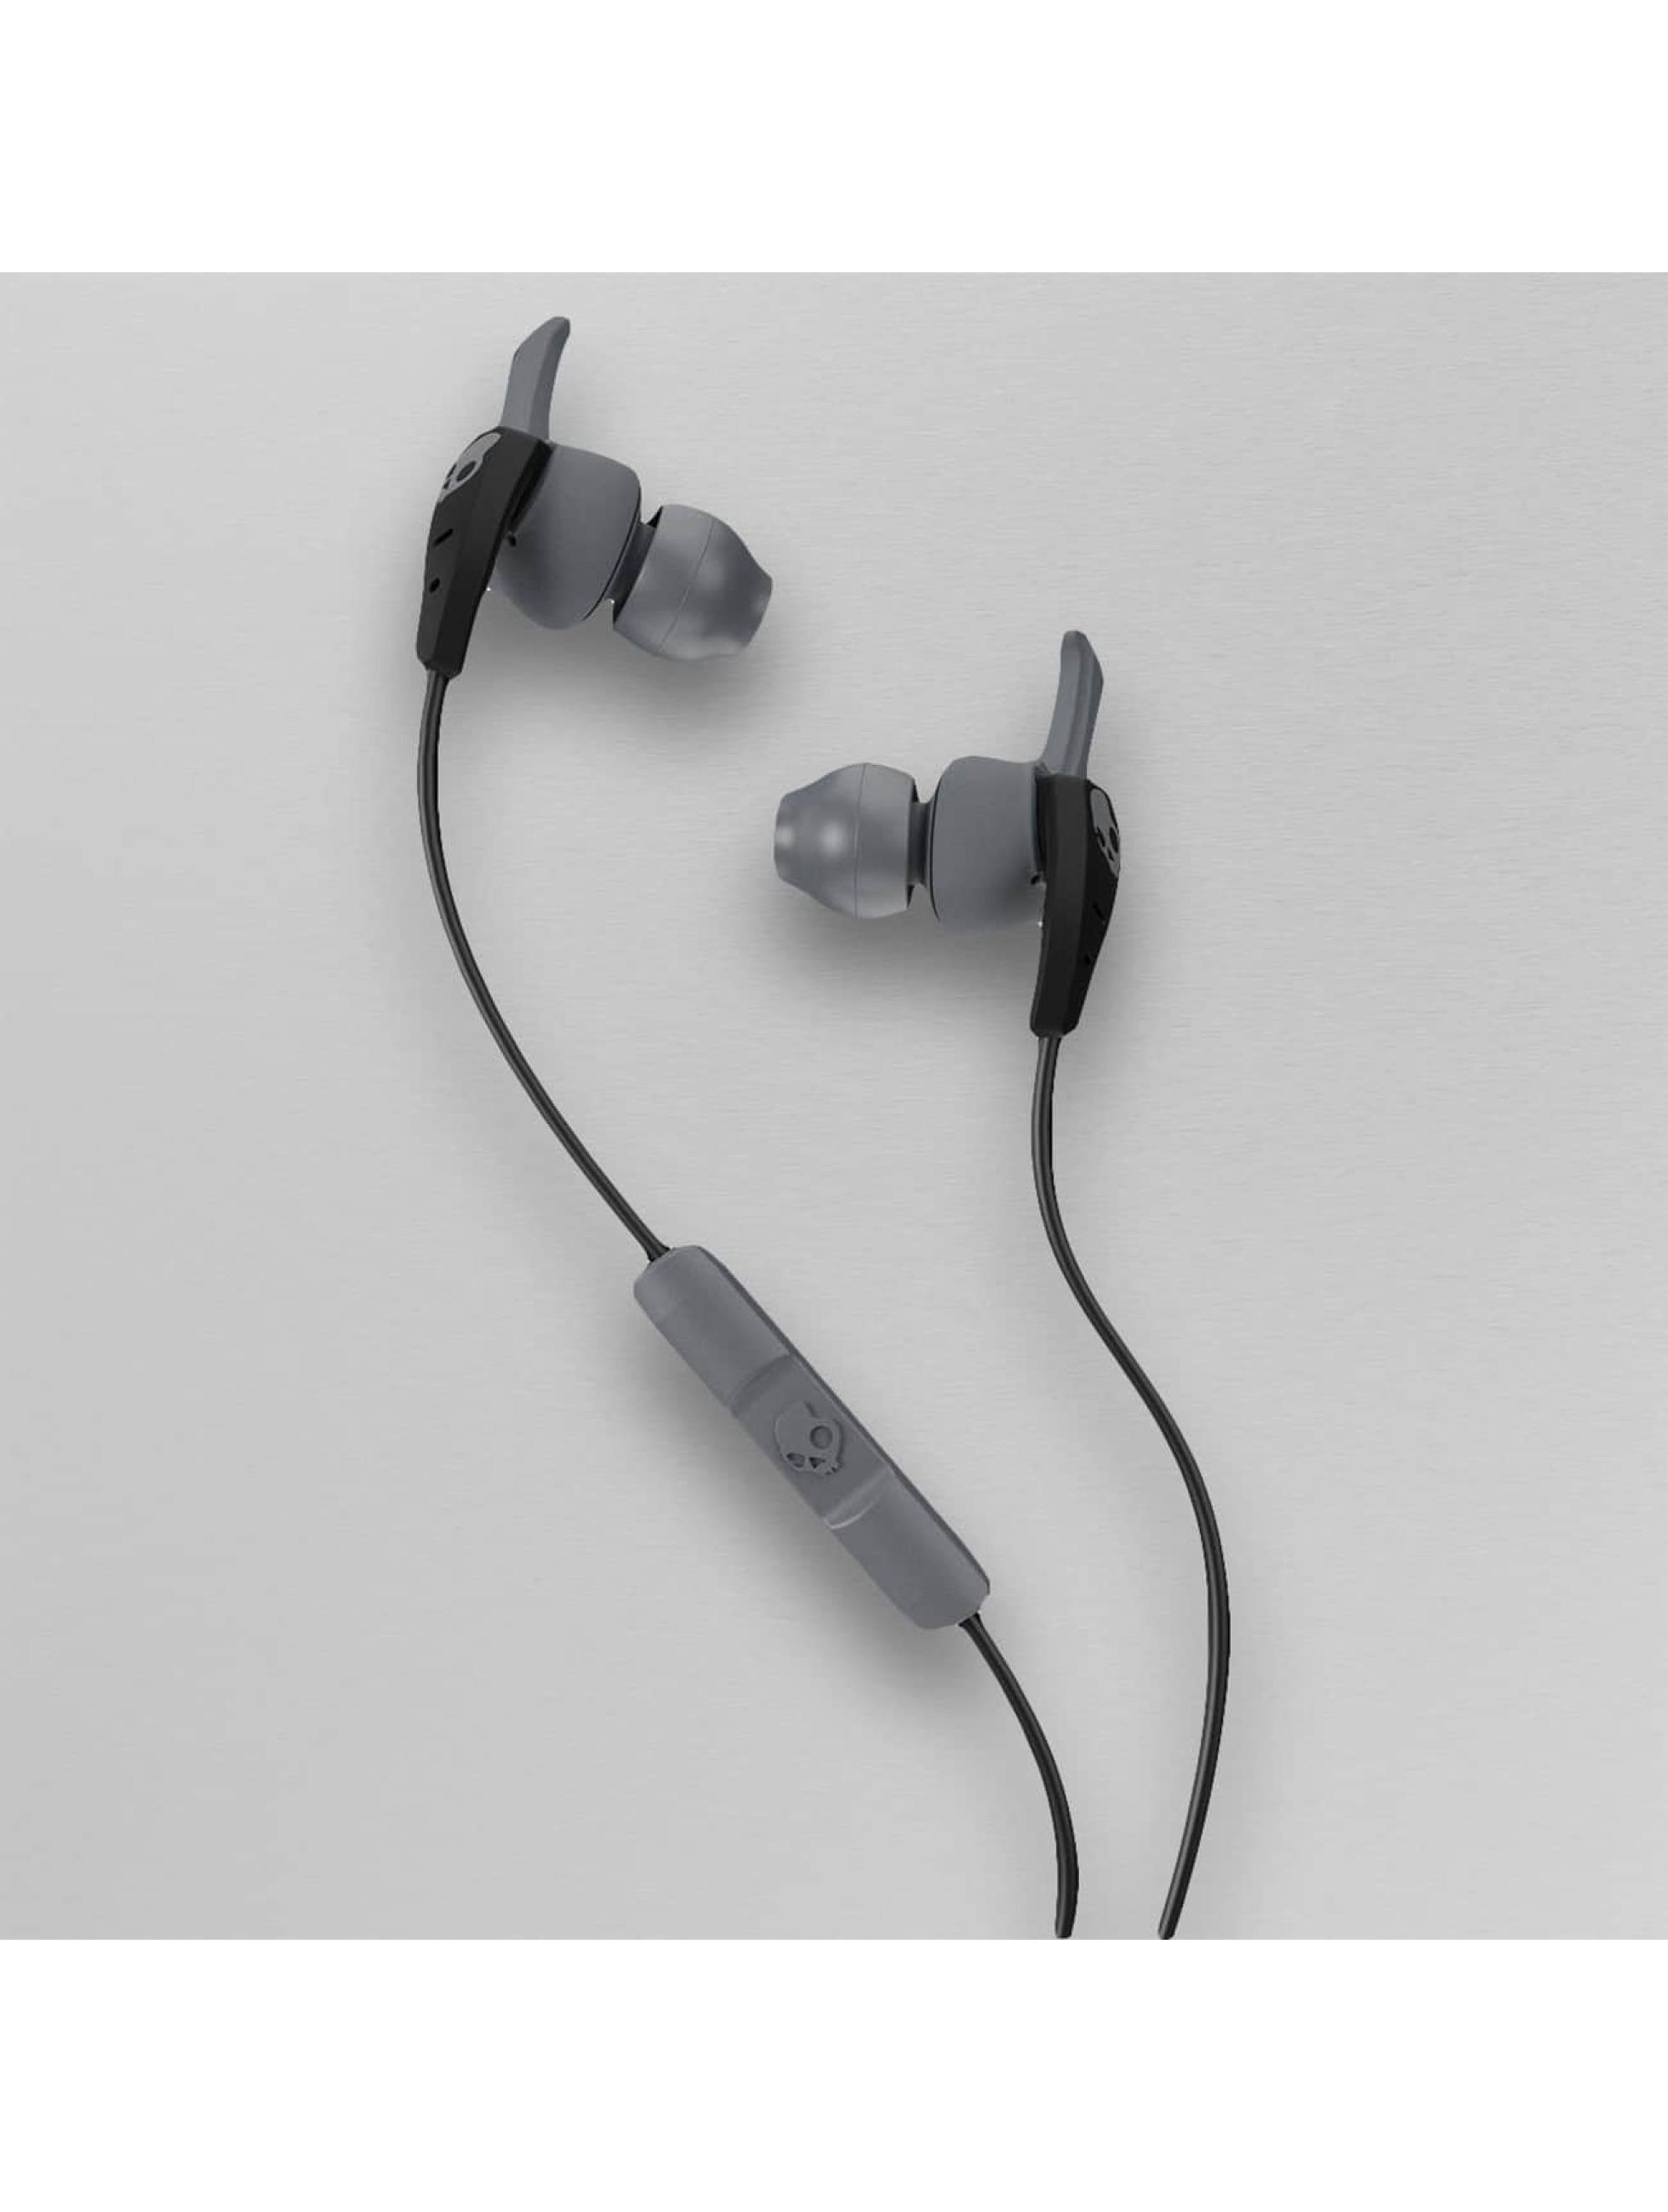 Skullcandy Kopfhörer XT Plyo schwarz